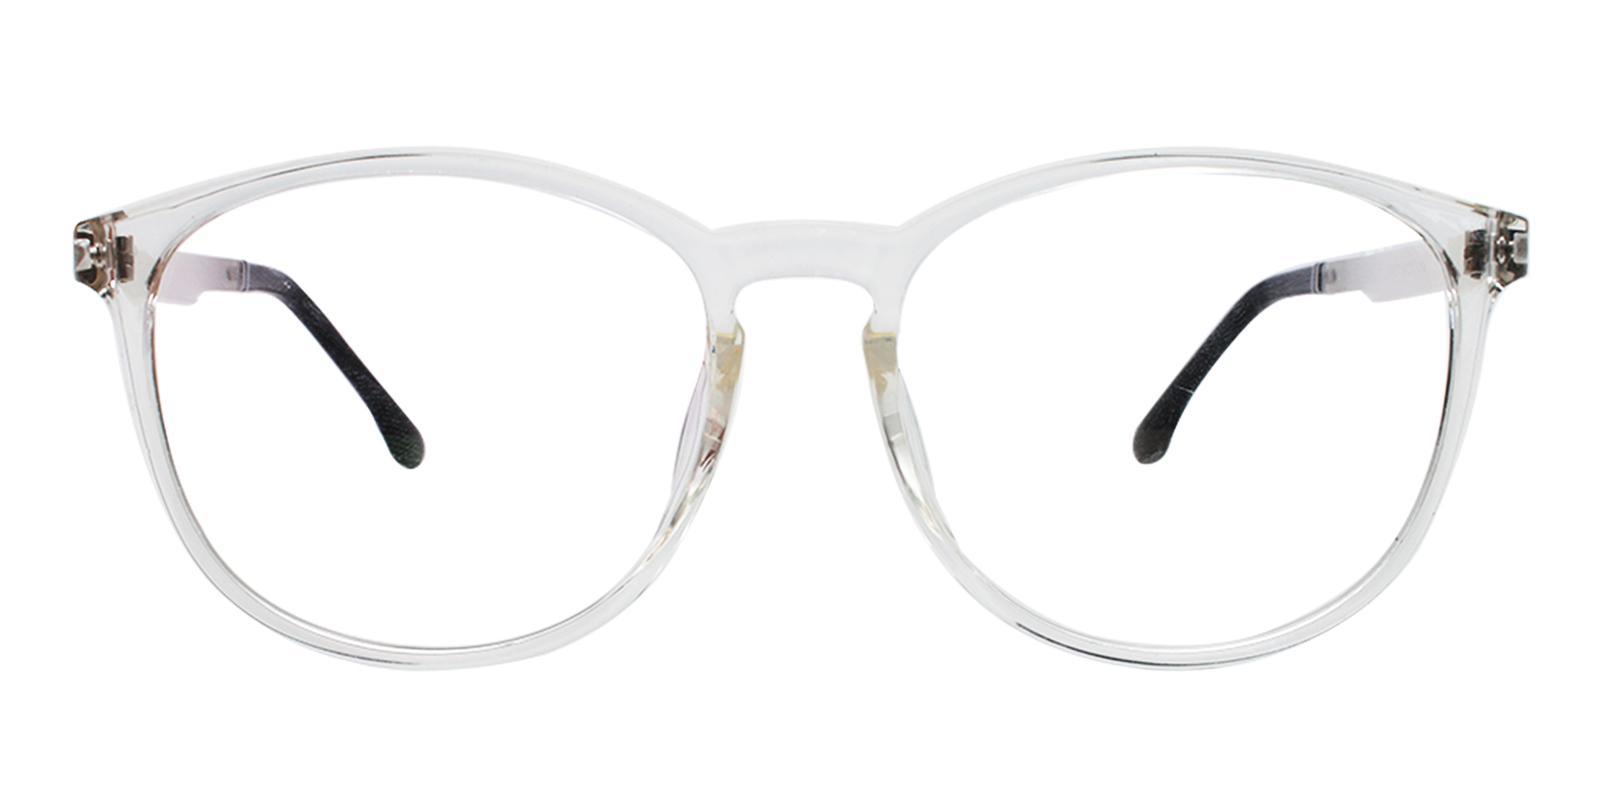 Hailey Translucent TR UniversalBridgeFit , Eyeglasses Frames from ABBE Glasses